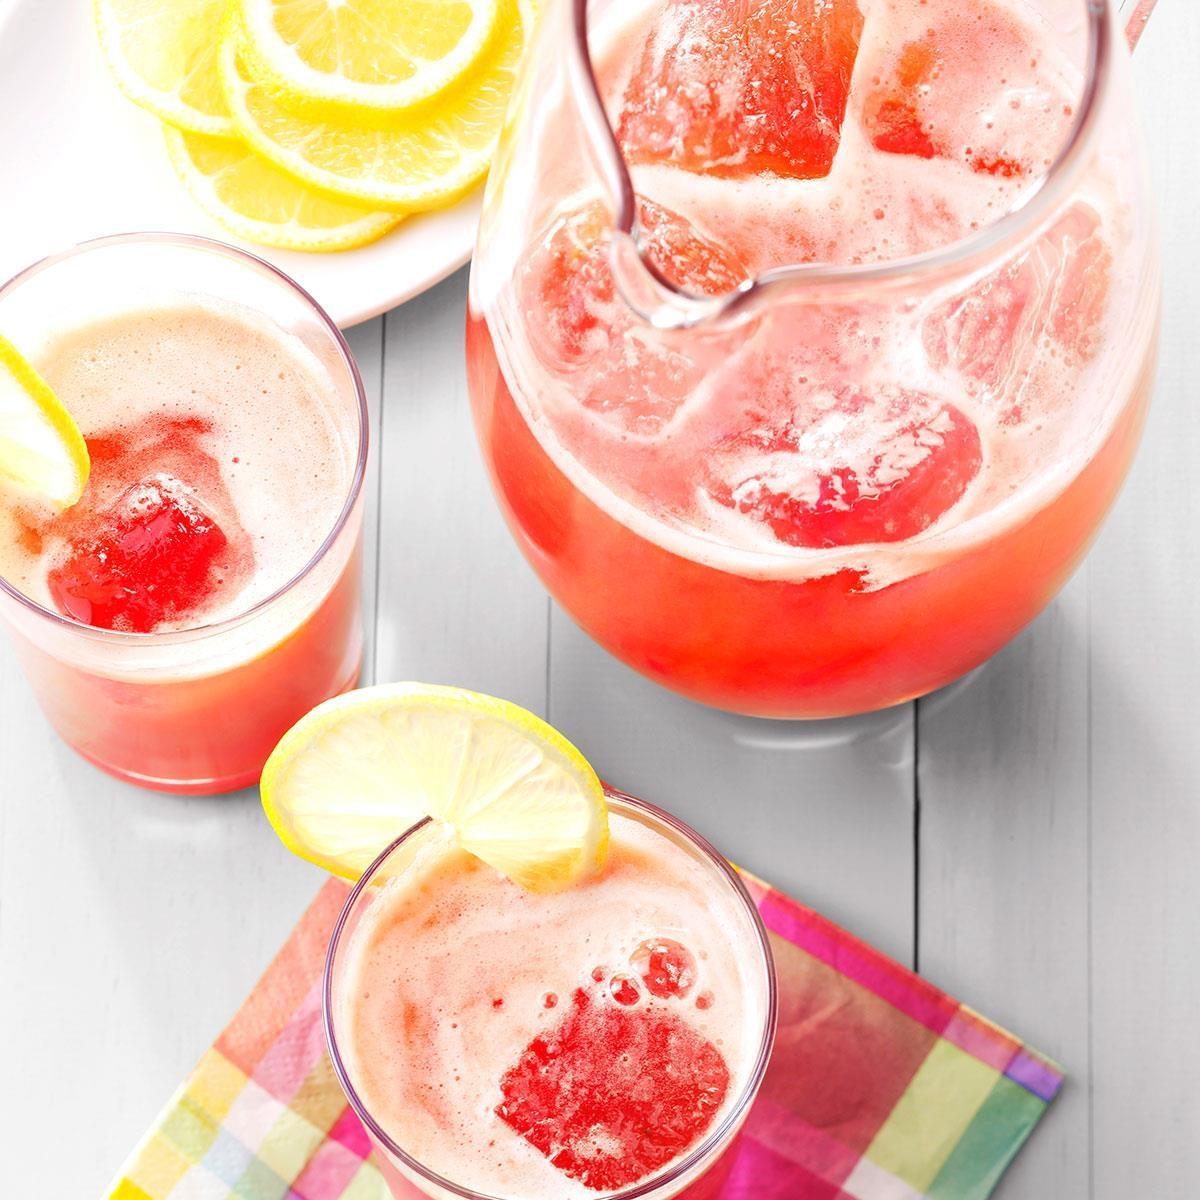 Inspired by: Olive Garden's Raspberry Lemonade